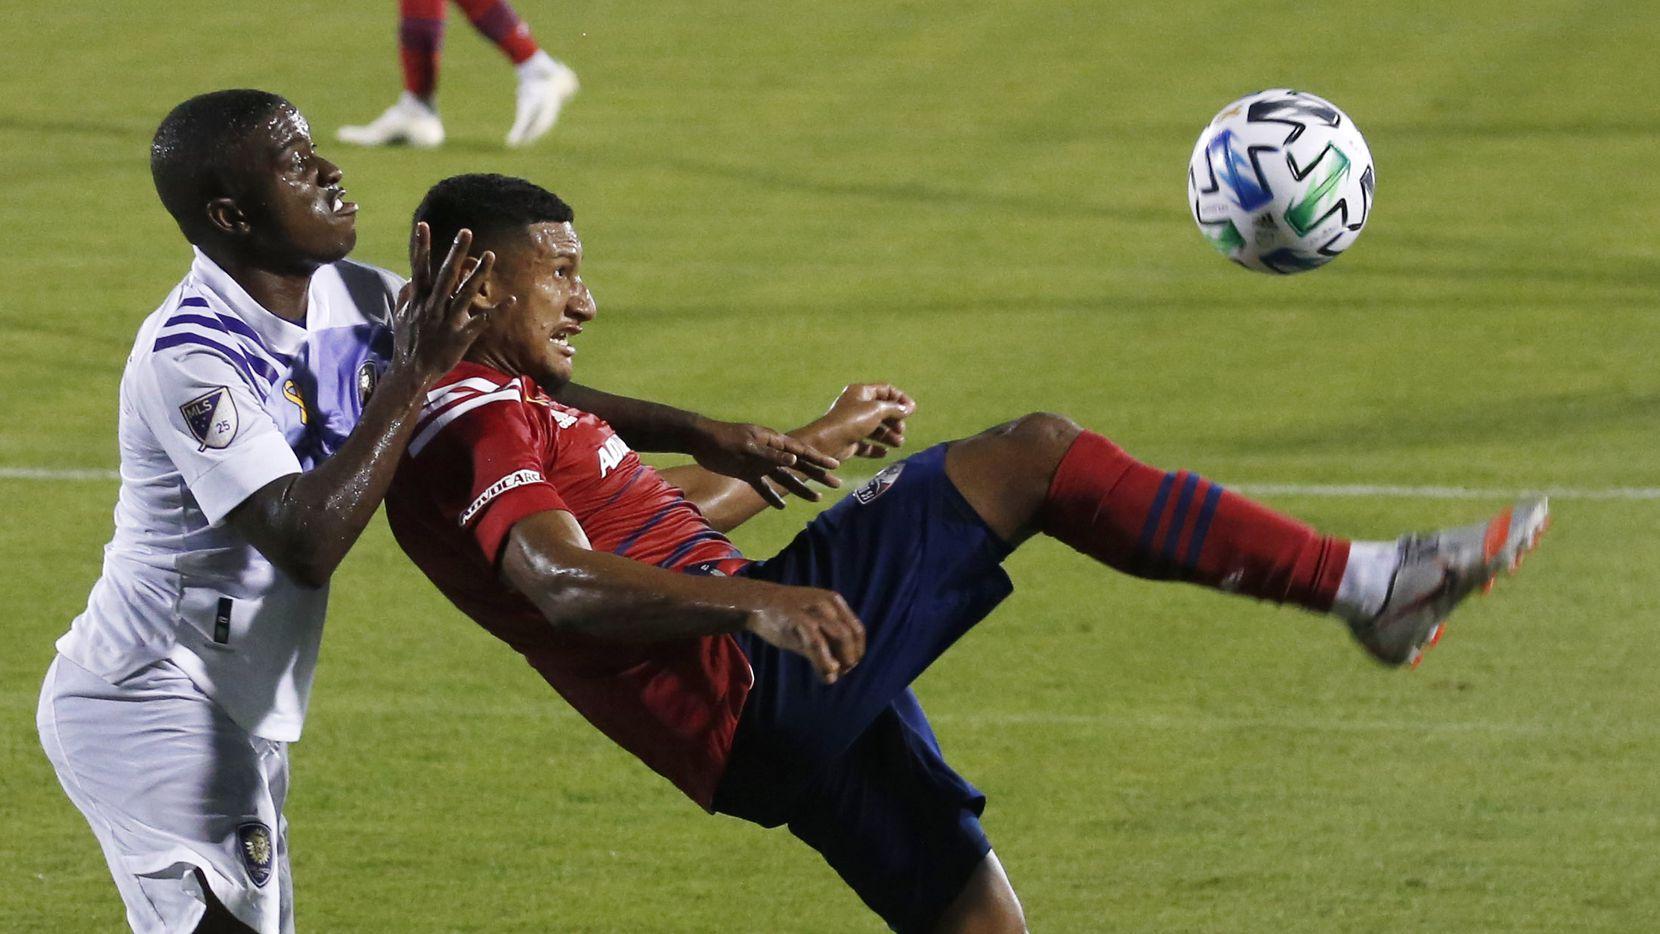 El jugador hondureño del FC Dallas, Bryan Acosta (der), trata de controlar un balón ante el acoso del mediocampista del Orlando City, Sebas Mendez, durante el partido del 27 de septiembre en el Toyota Stadium de Frisco.